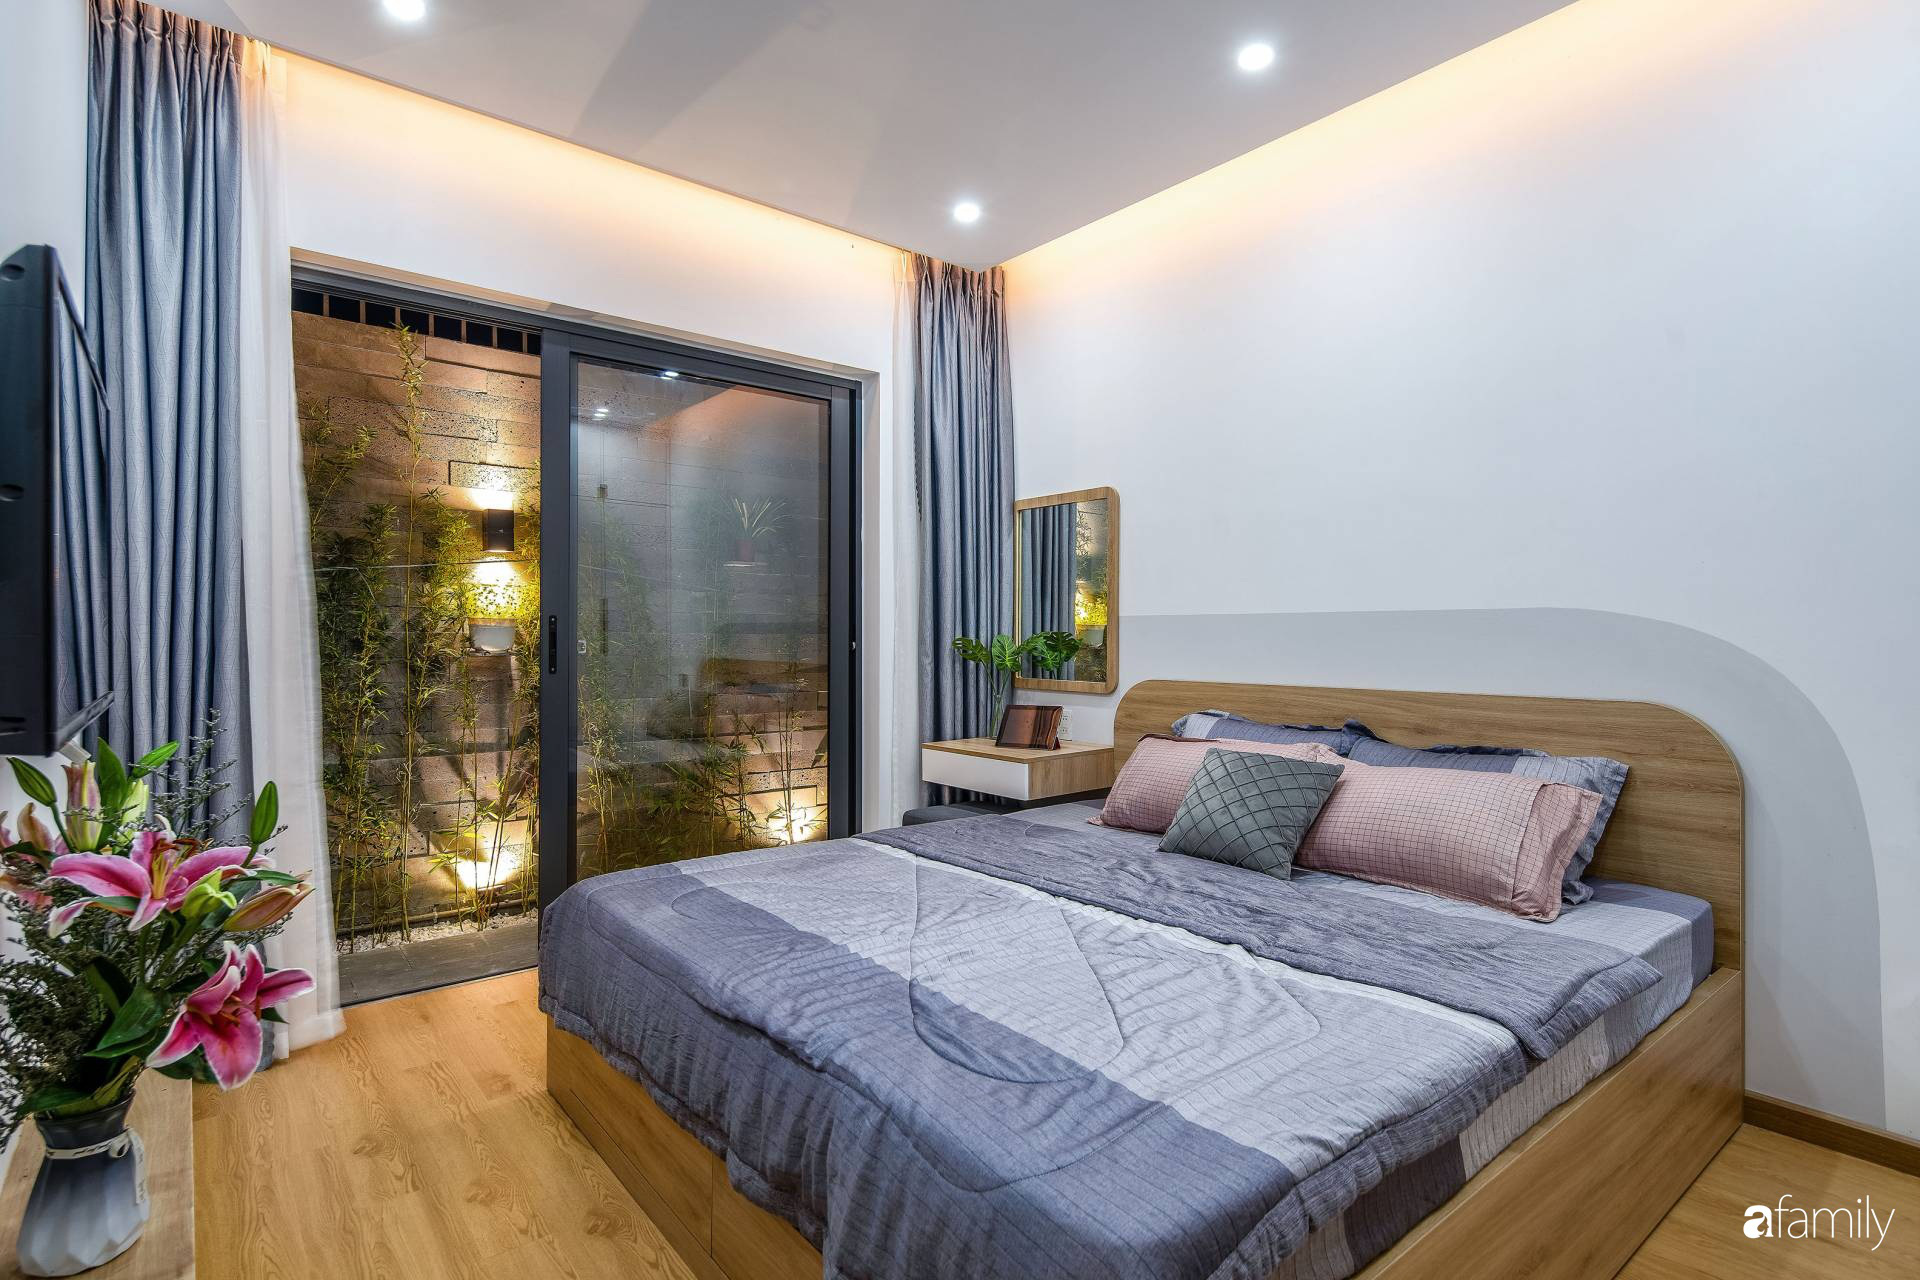 Ngôi nhà 100m2 thiết kế thông minh, tiện lợi dành cho gia đình 3 thế hệ ở Đà Nẵng - Ảnh 9.